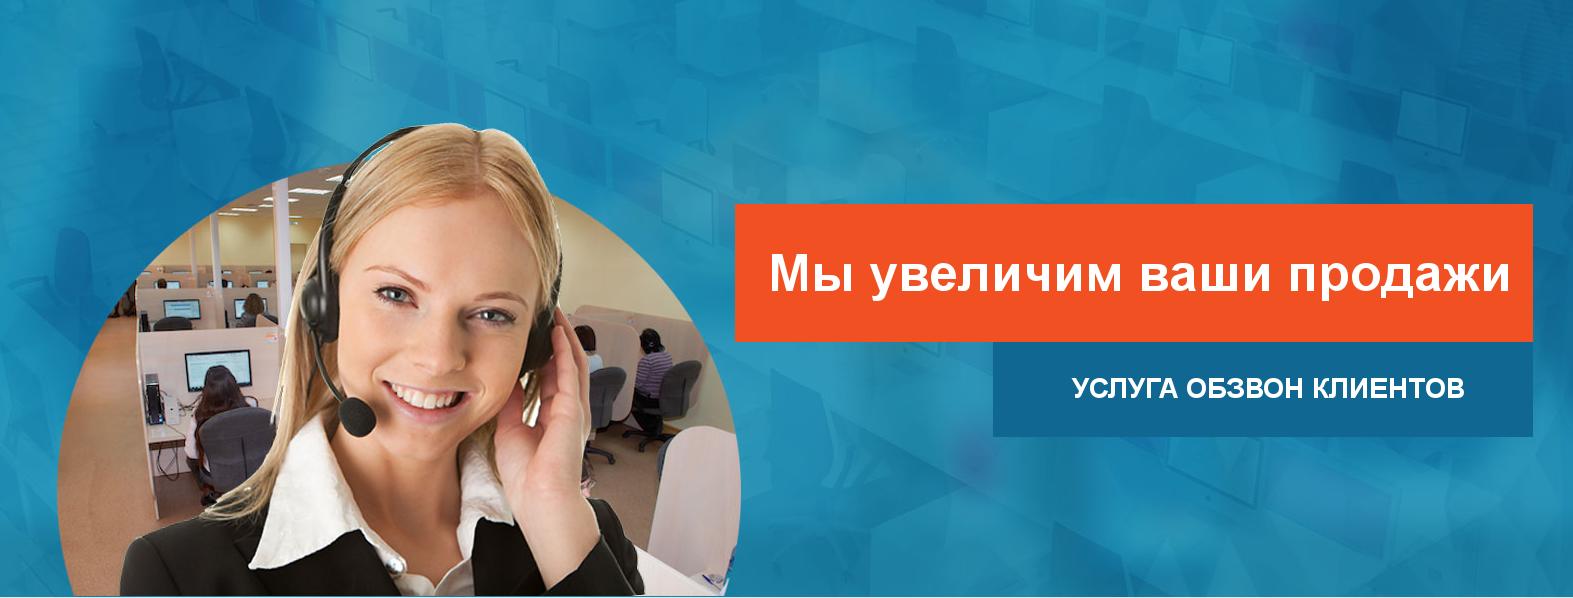 обзвон клиентов в Санкт-Петербурге